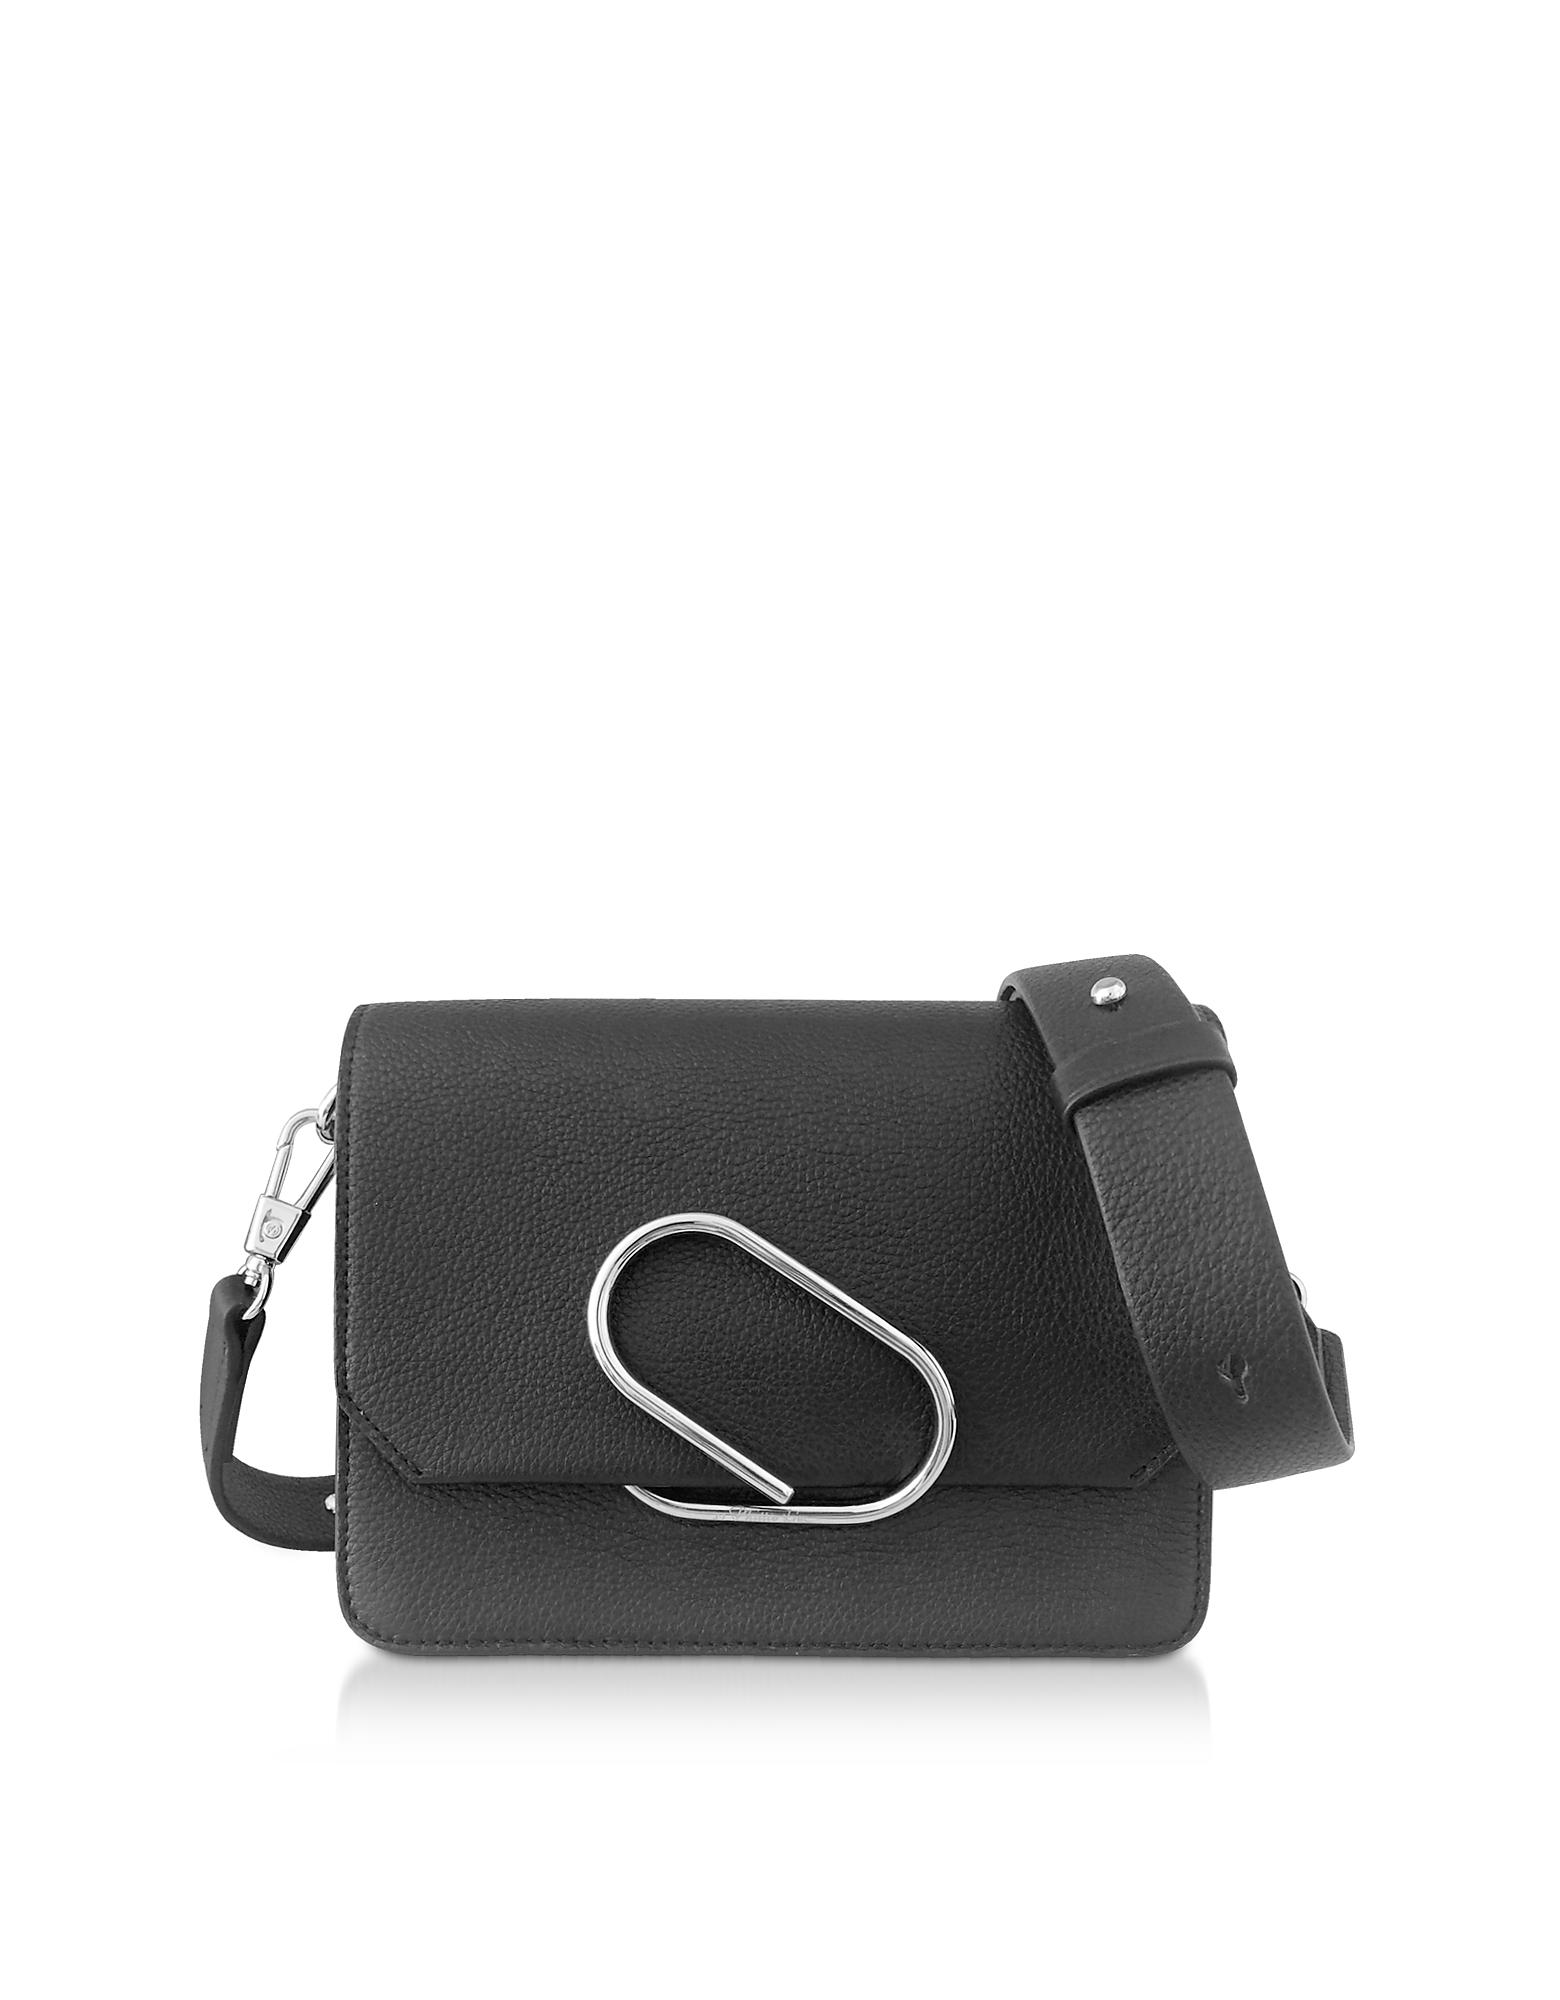 3.1 Phillip Lim  Handbags Black Alix Mini Shoulder Bag